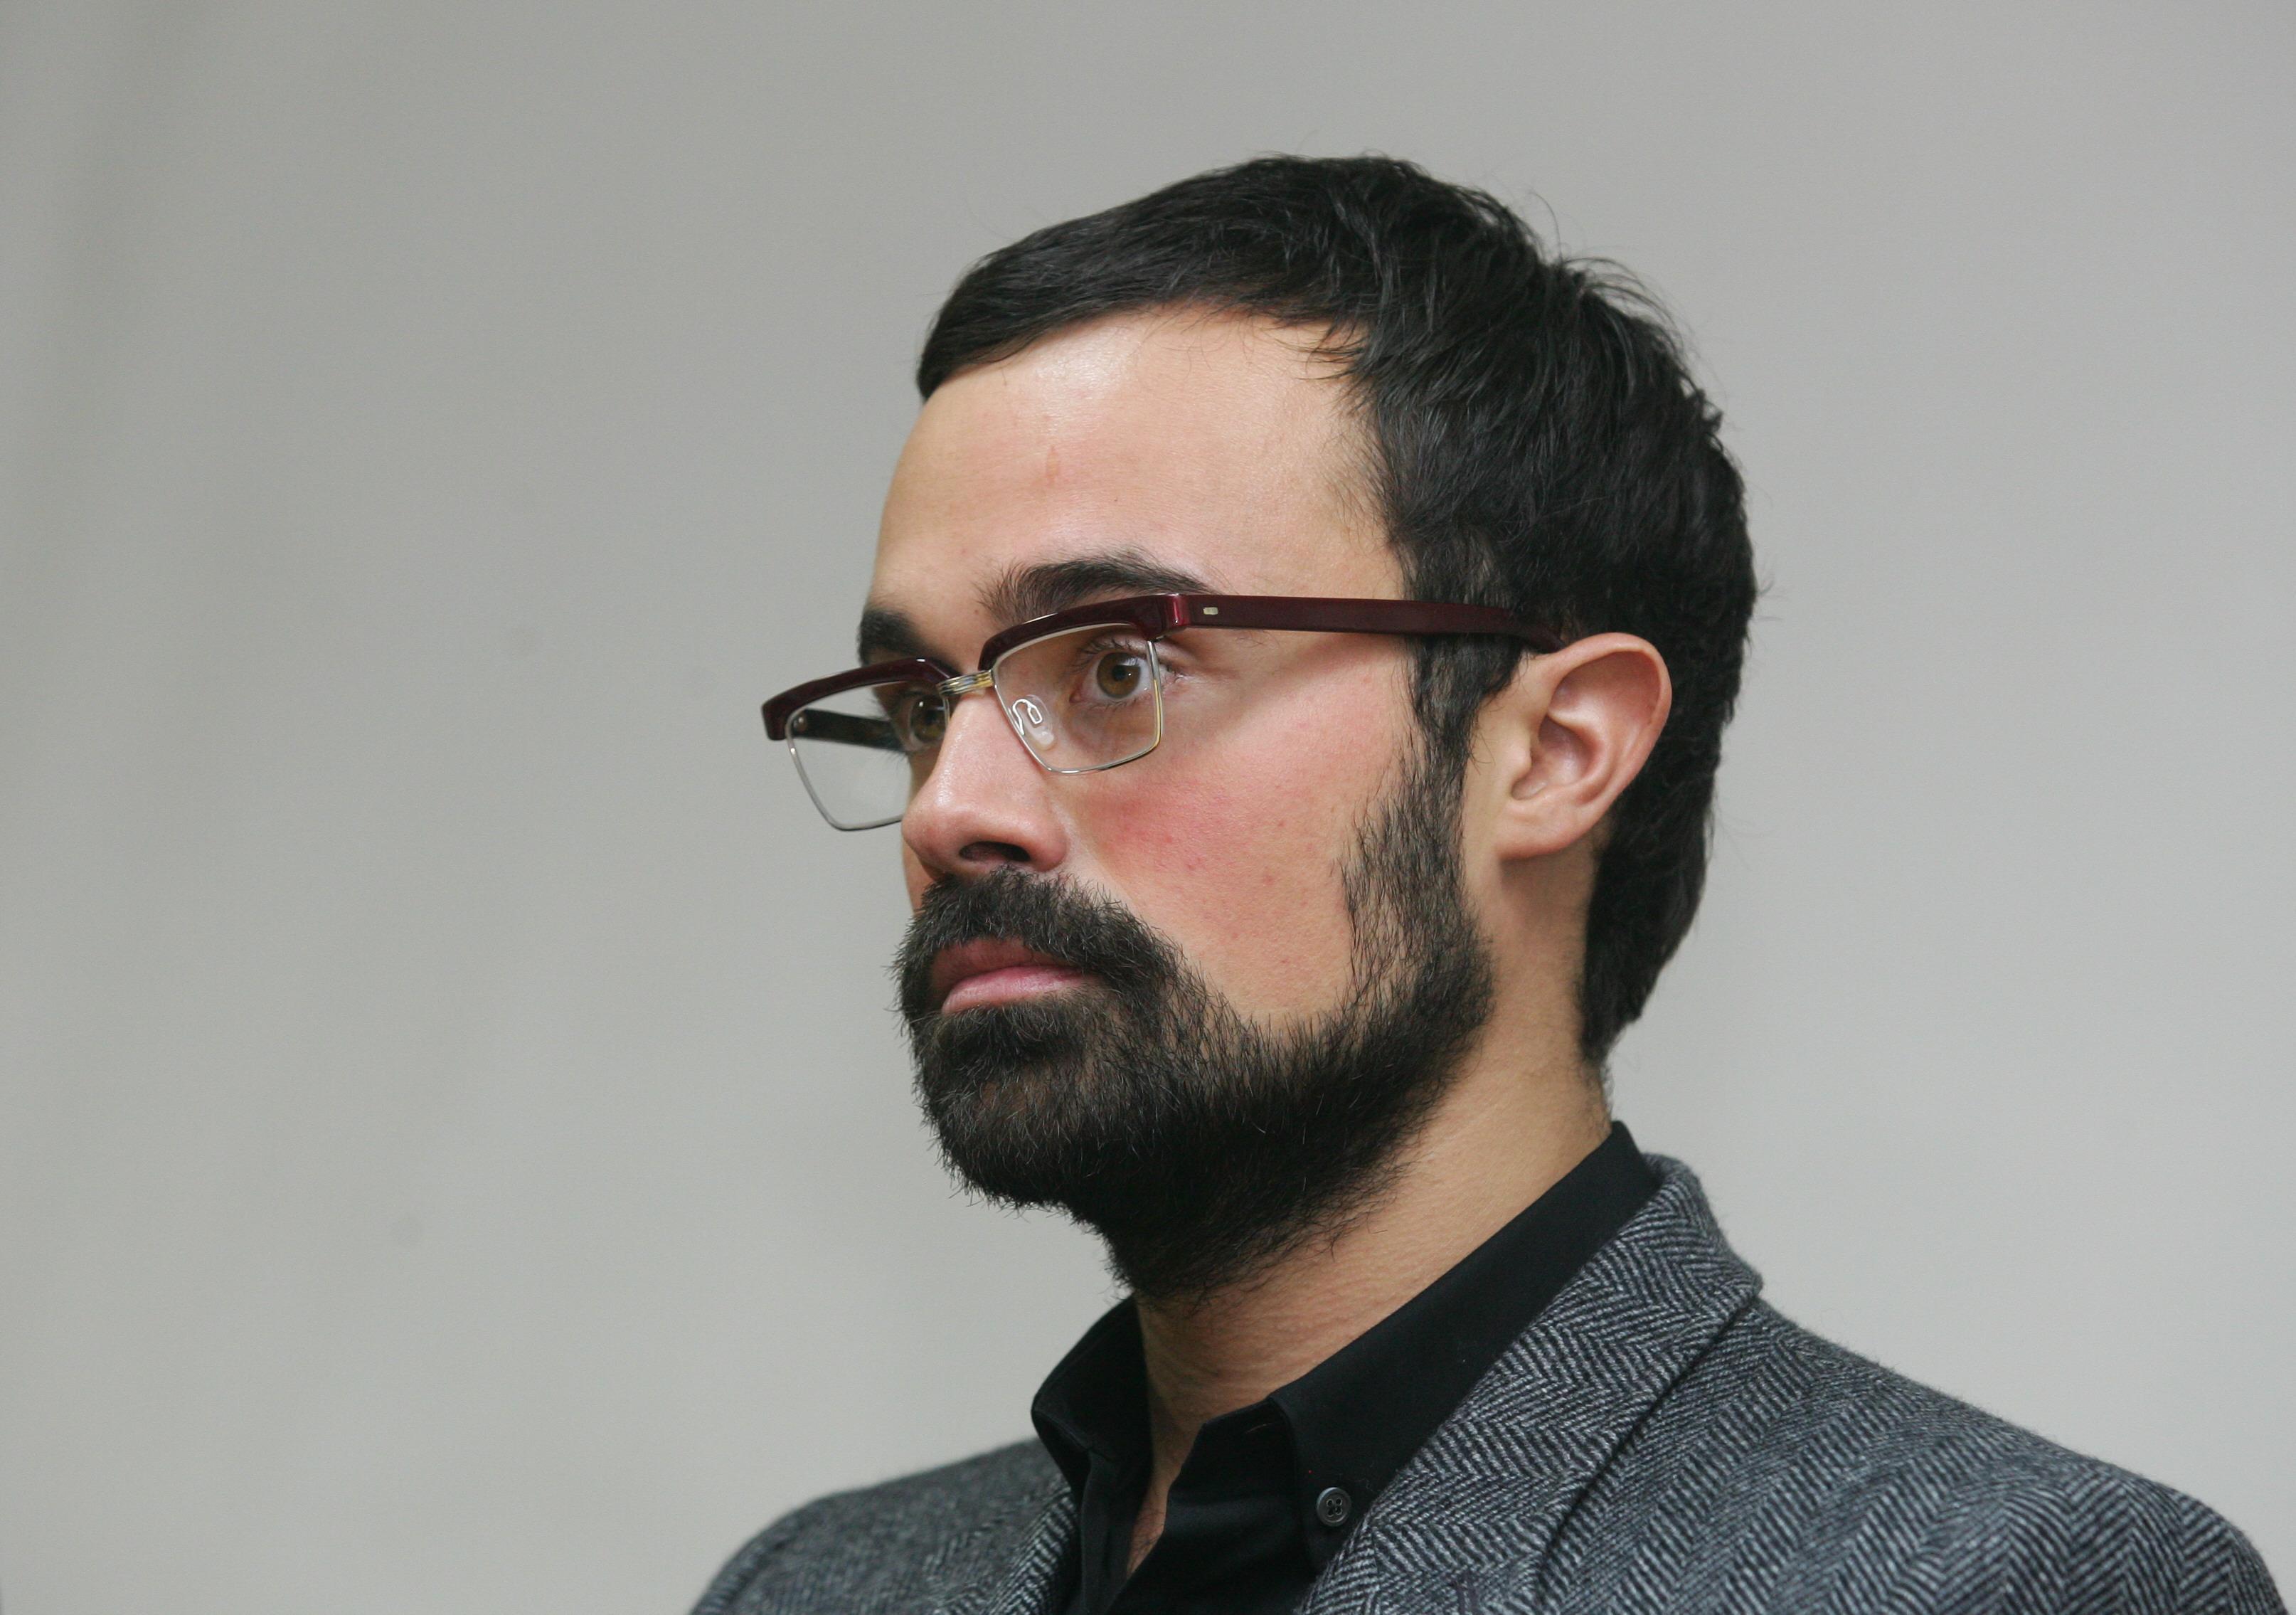 366830386814.6475 - Издатель двух британских газет Евгений Лебедев станет пожизненным пэром и войдёт в палату парламента